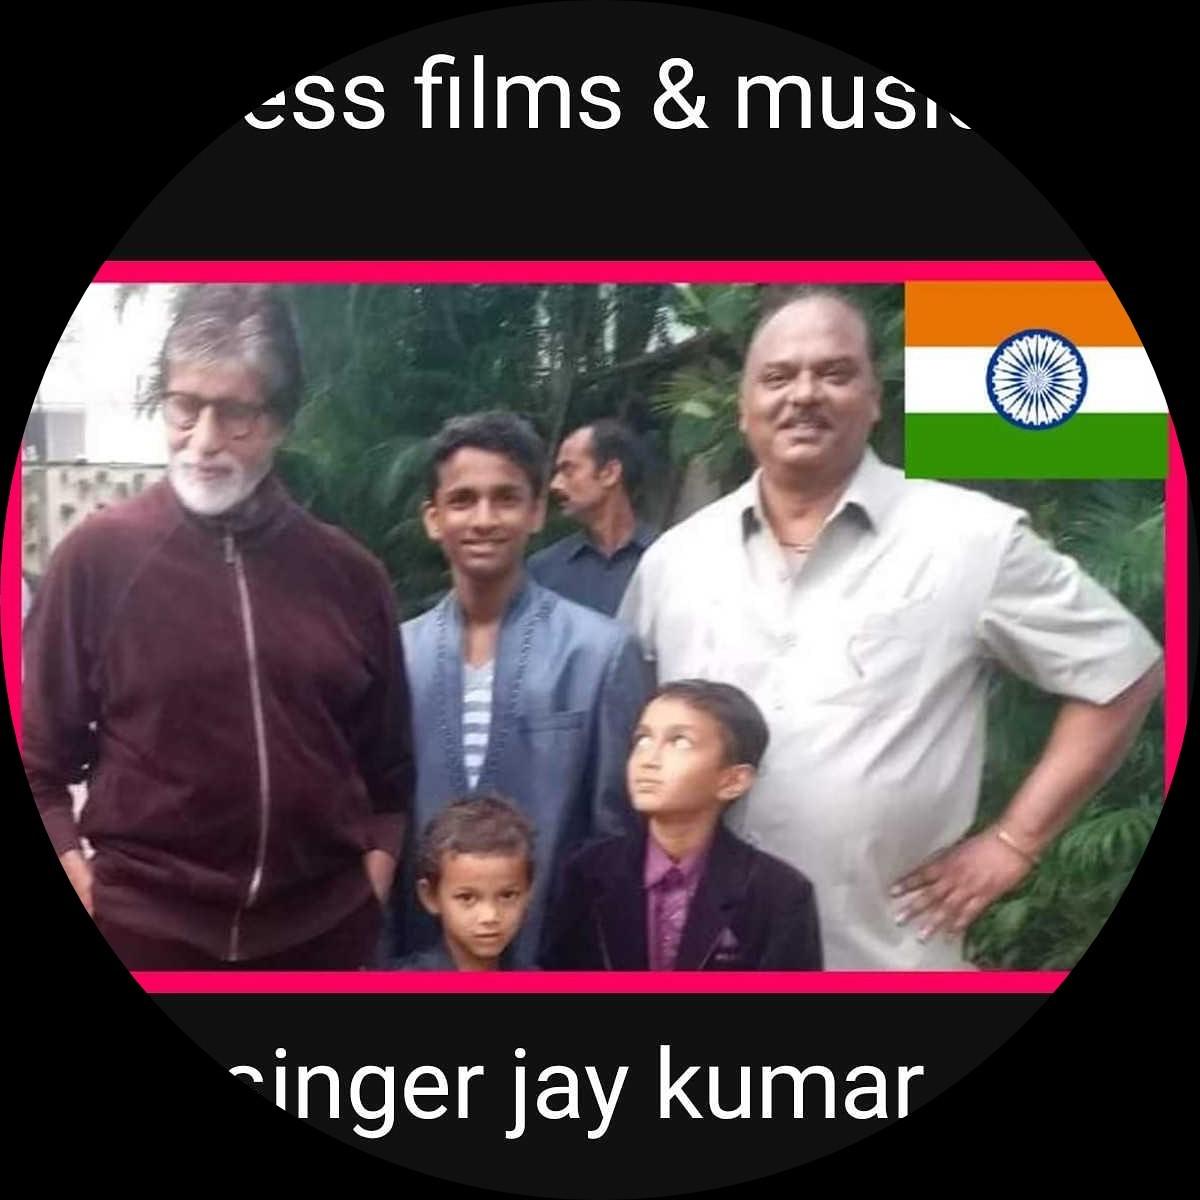 Old Hindi Mp3 Song 🎷 song sung by jay kumar video